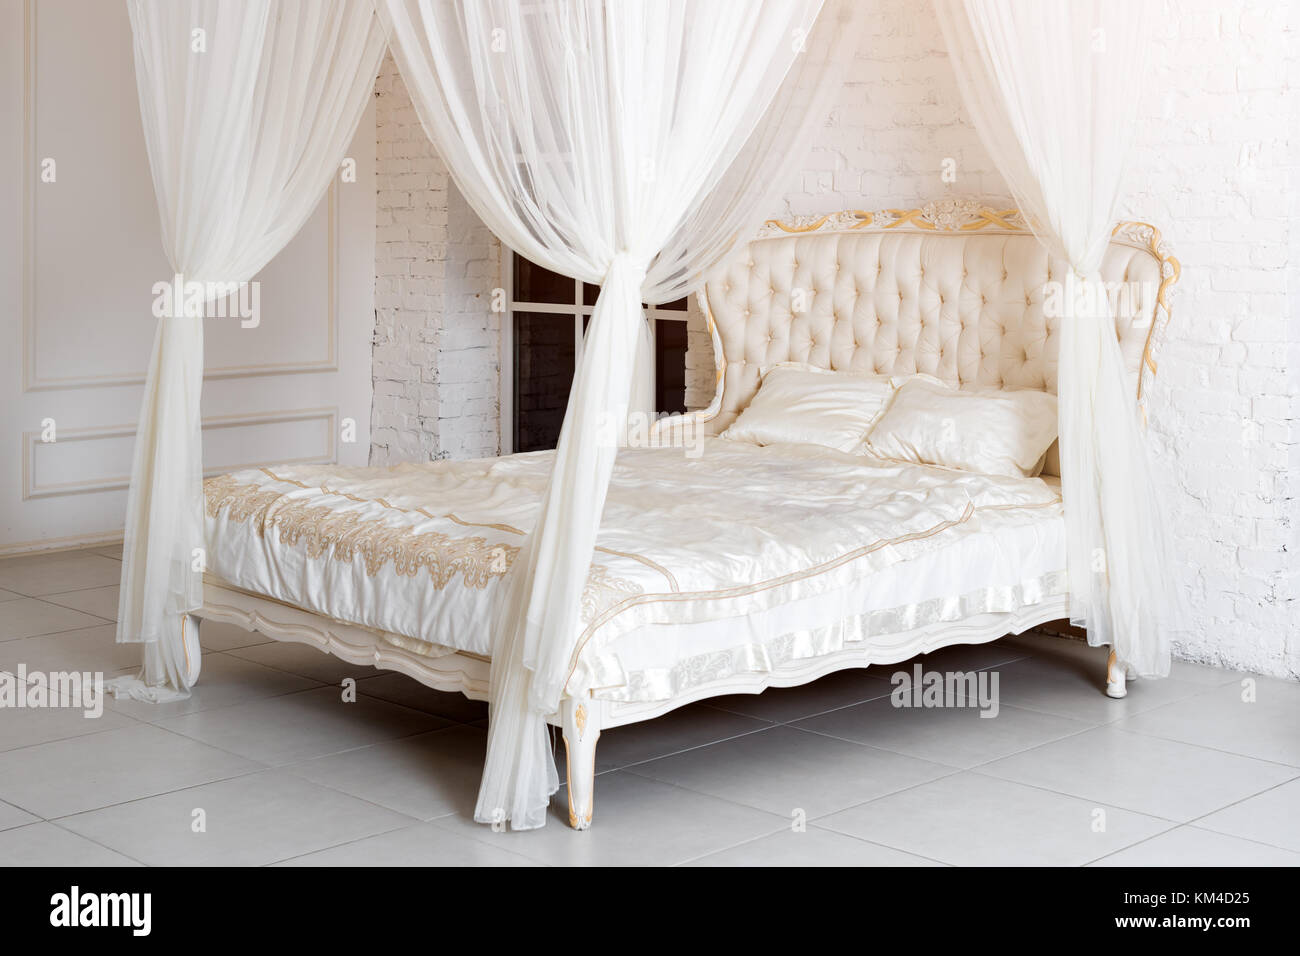 Schlafzimmer In Sanften Hellen Farben. Großes, Bequemes Himmelbett  Doppelbett In Eleganten Klassischen Schlafzimmer. Luxus In Elegantem Weiß  Mit Gold ...